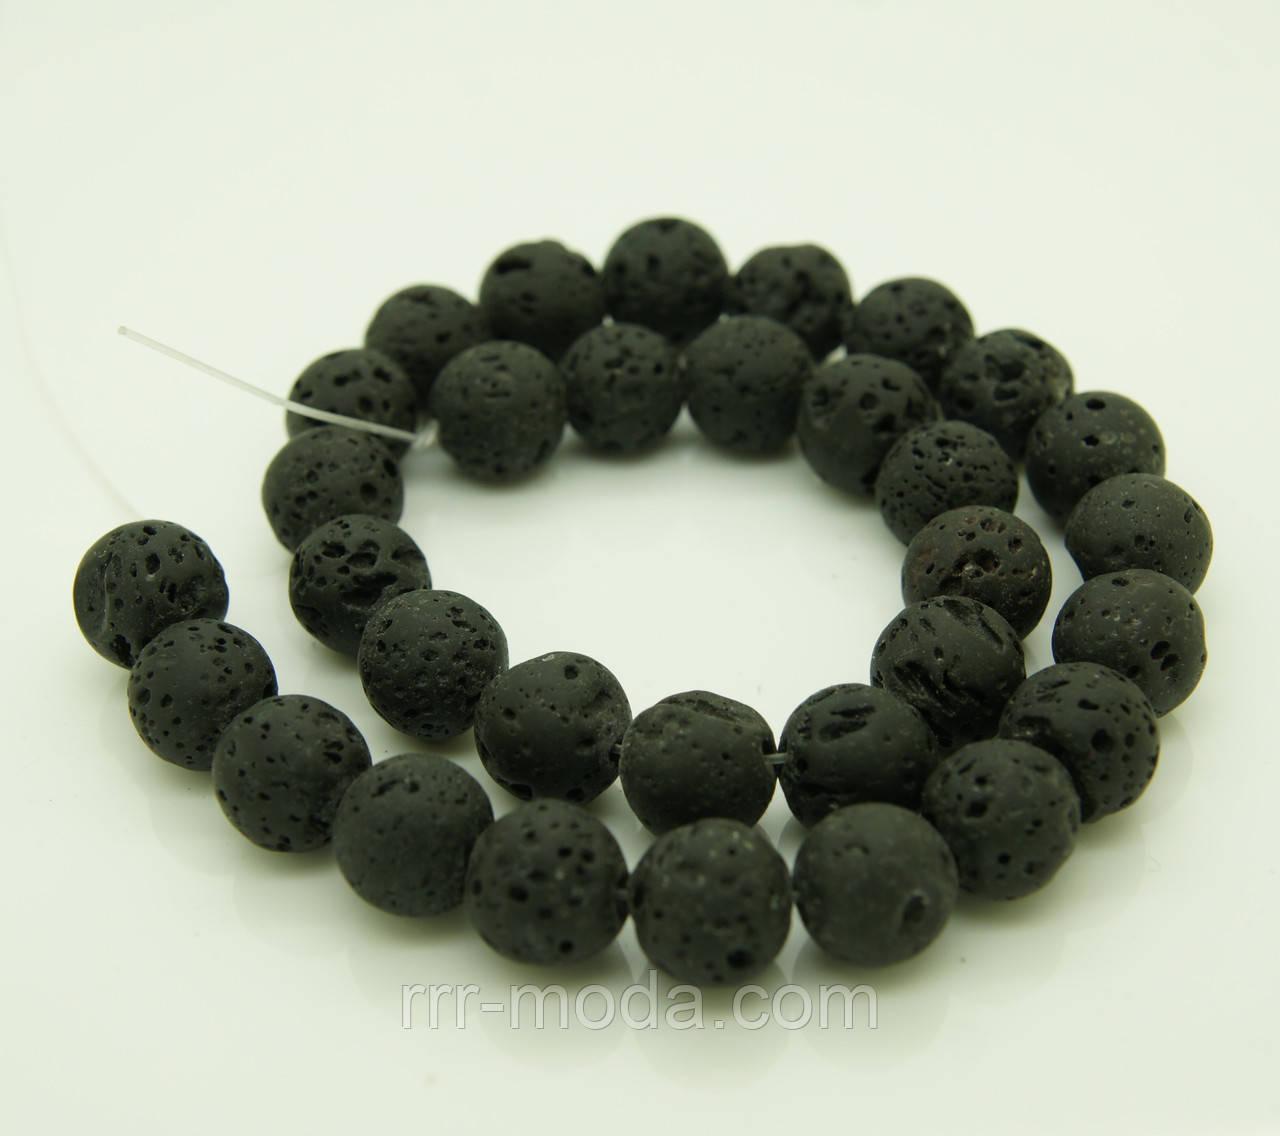 1125 Натуральный лавовый камень на браслеты, подвески, бусы.